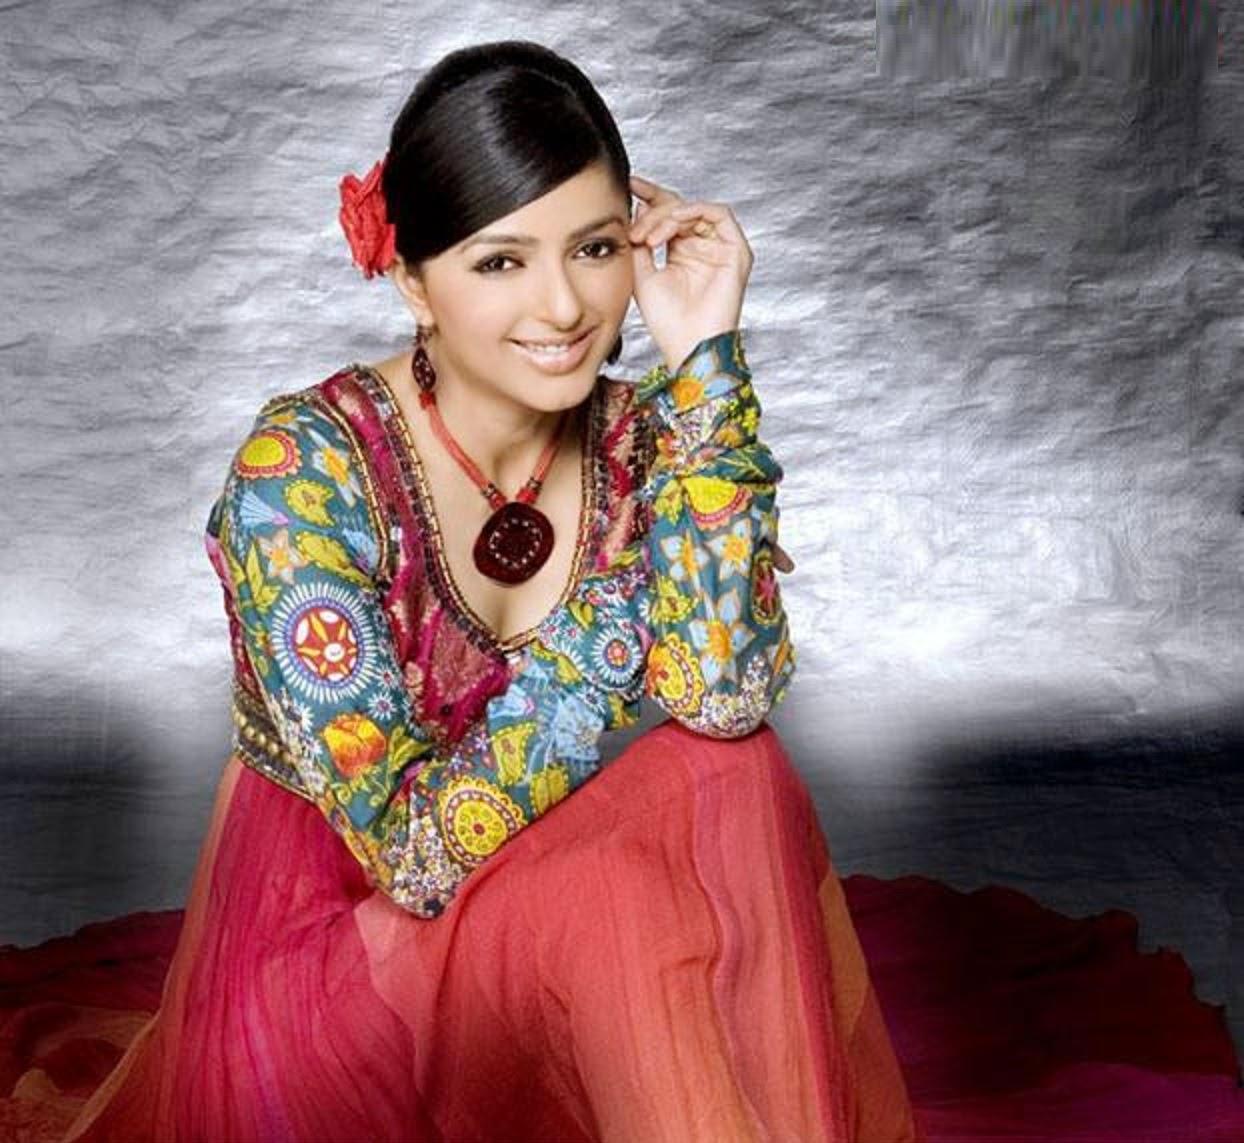 bhumika chawla image hd